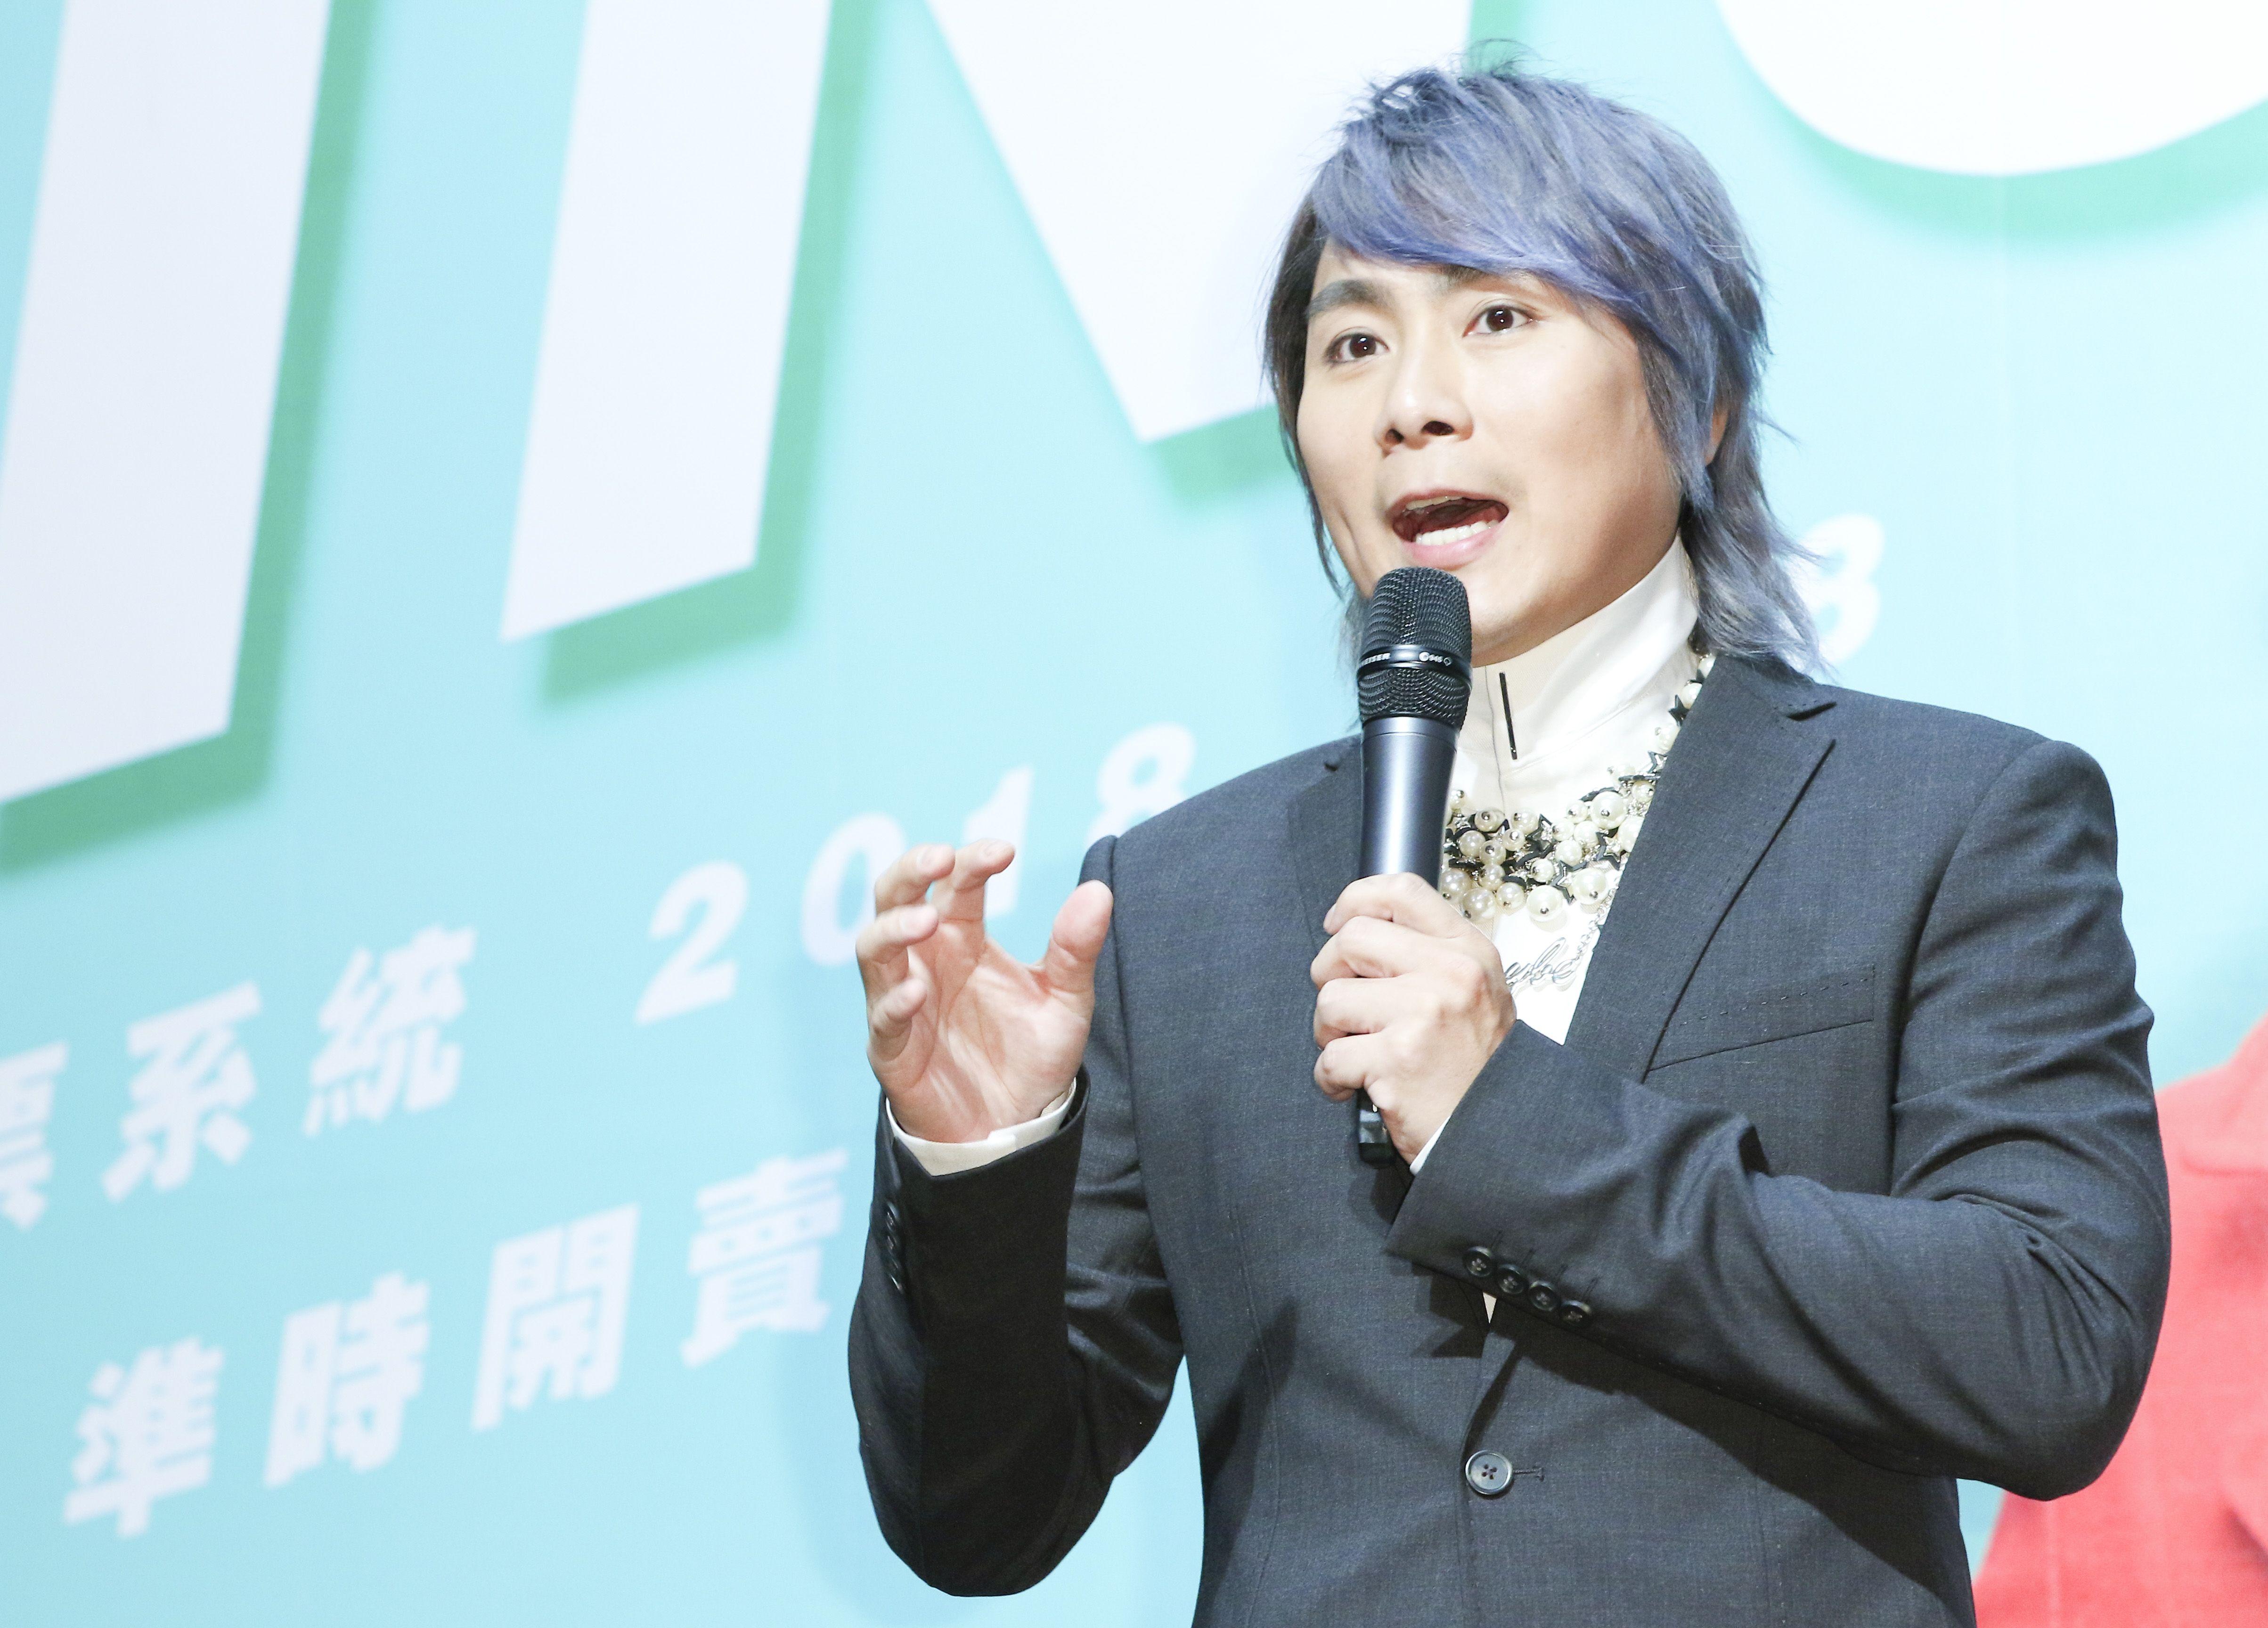 經典男團「5566」成員王仁甫。(記者林士傑/攝影)